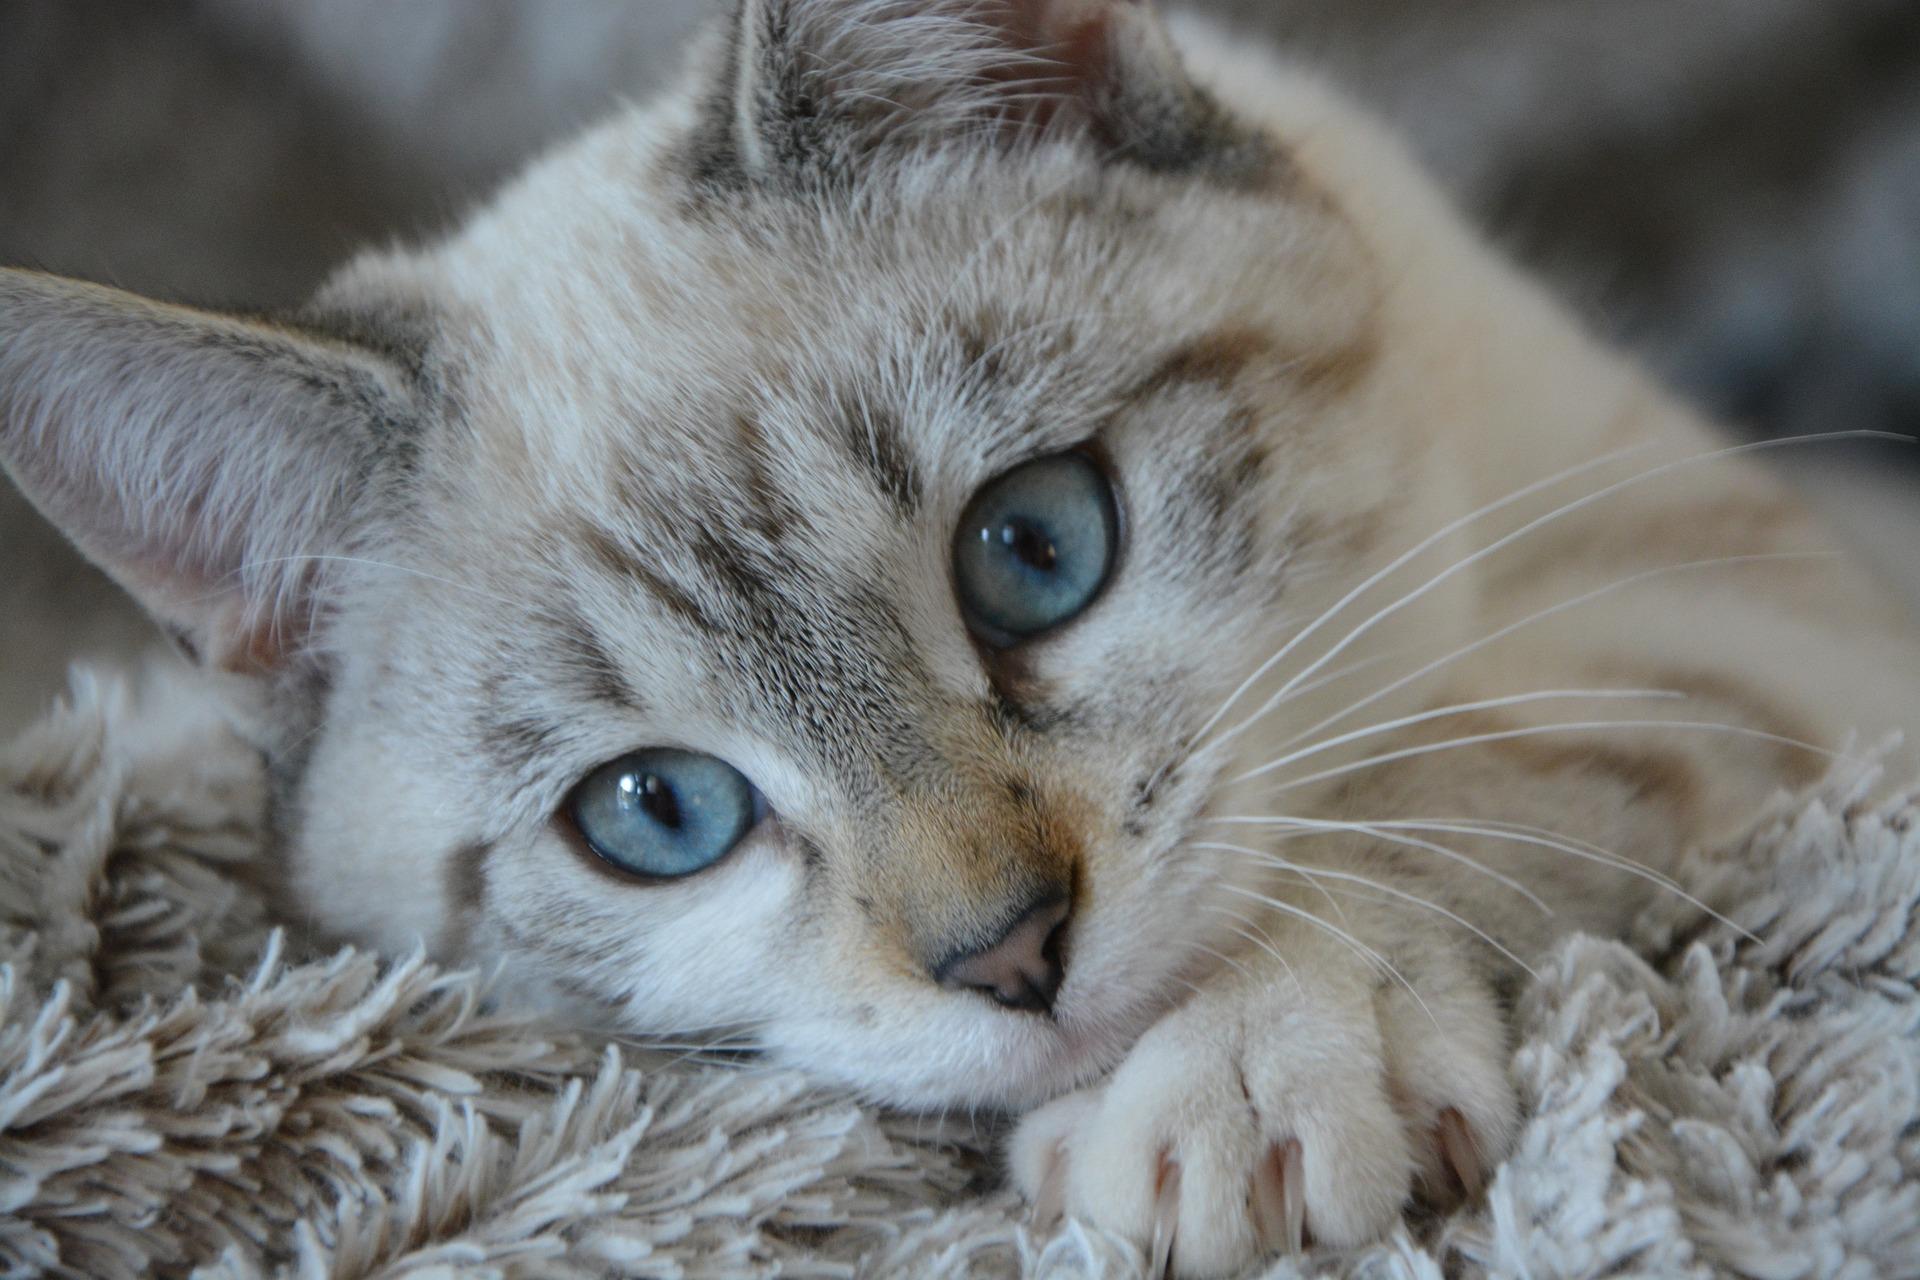 download wallpaper: kat op een kleed wallpaper